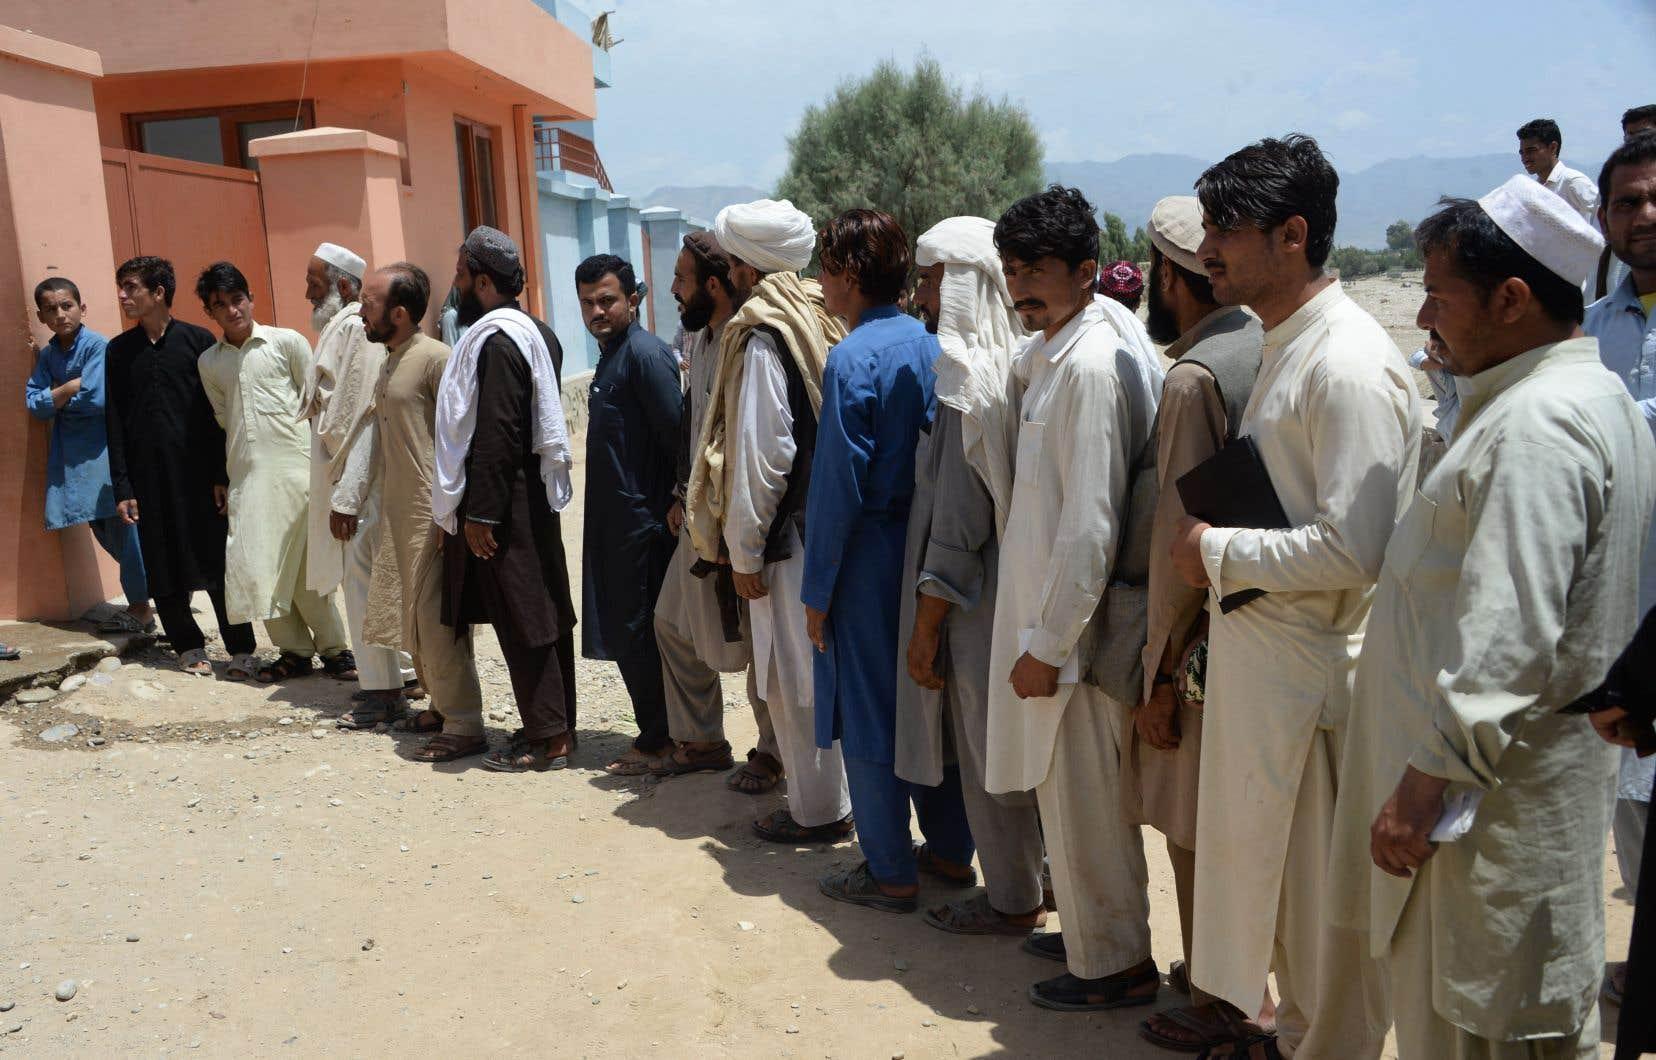 Des hommes afghans s'inscrivent pour participer aux prochaines élections parlementaires, dans le district de Bihsood.